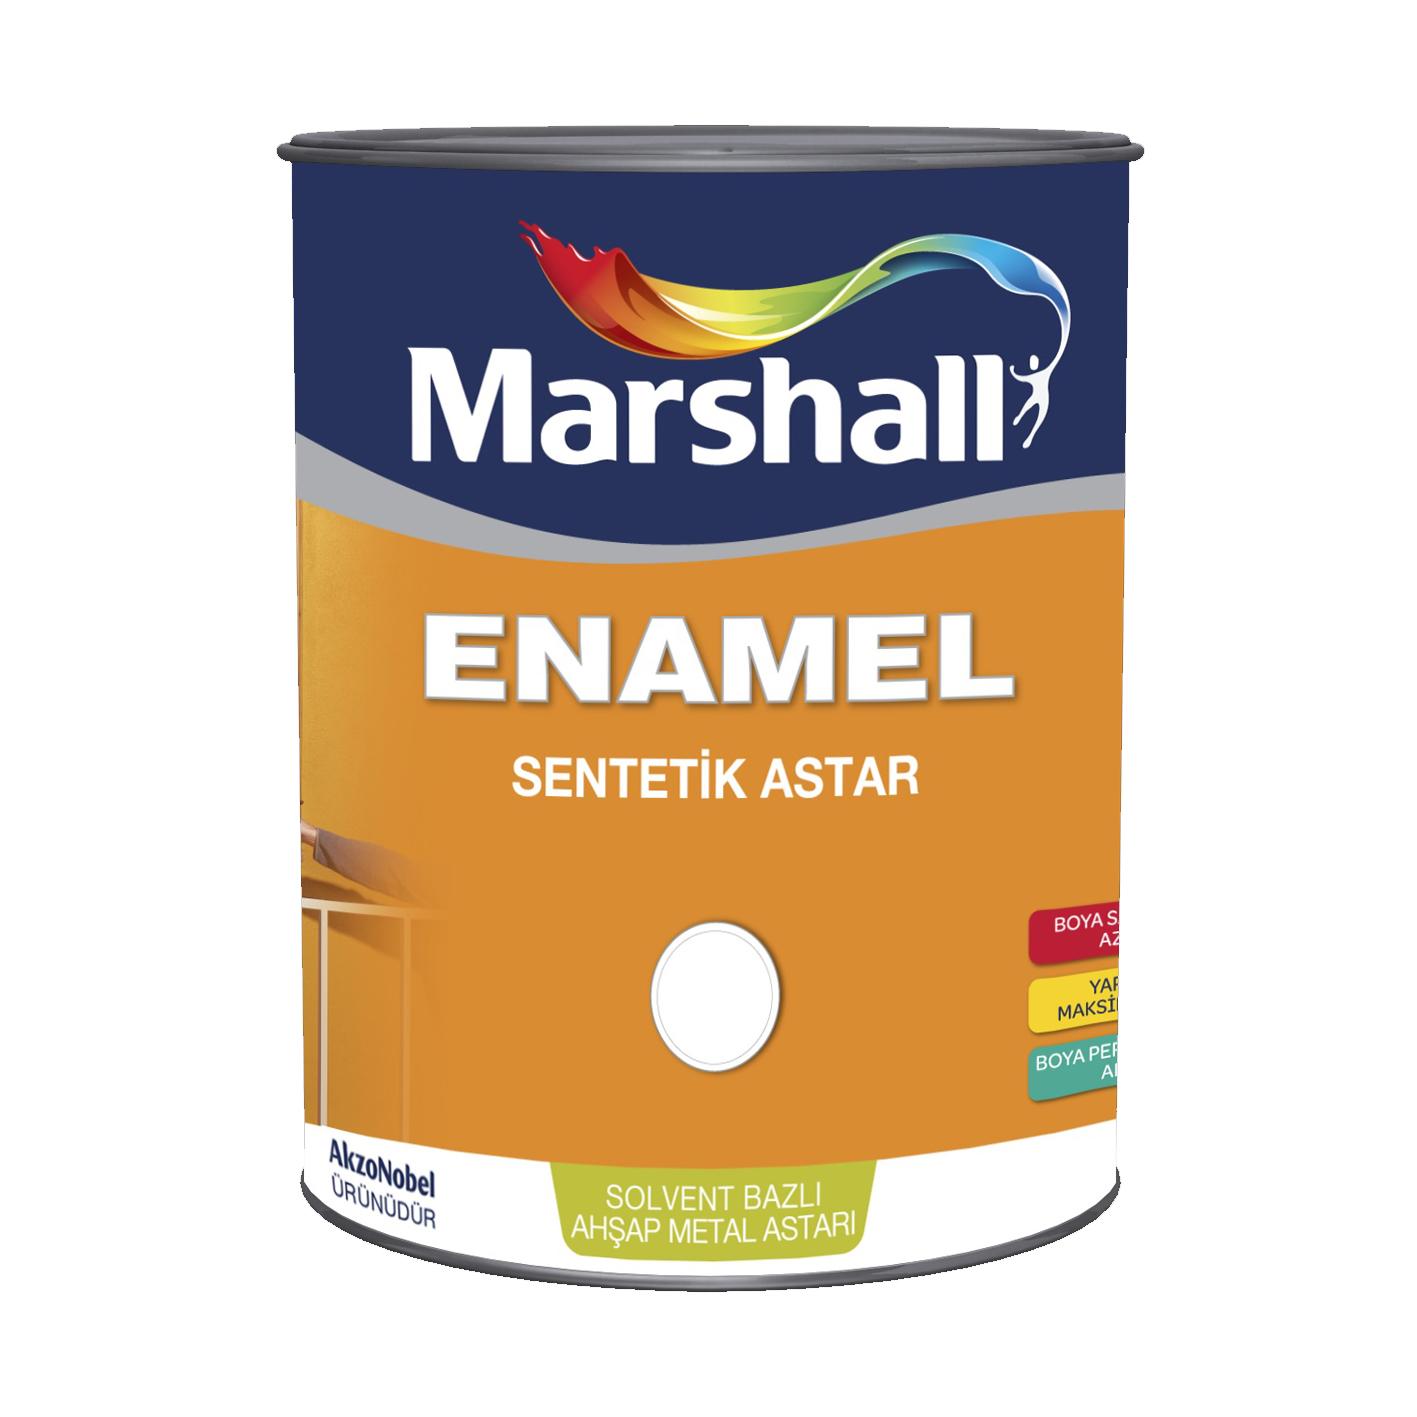 Marshall Enamel Sentetik Astar 2.5Lt